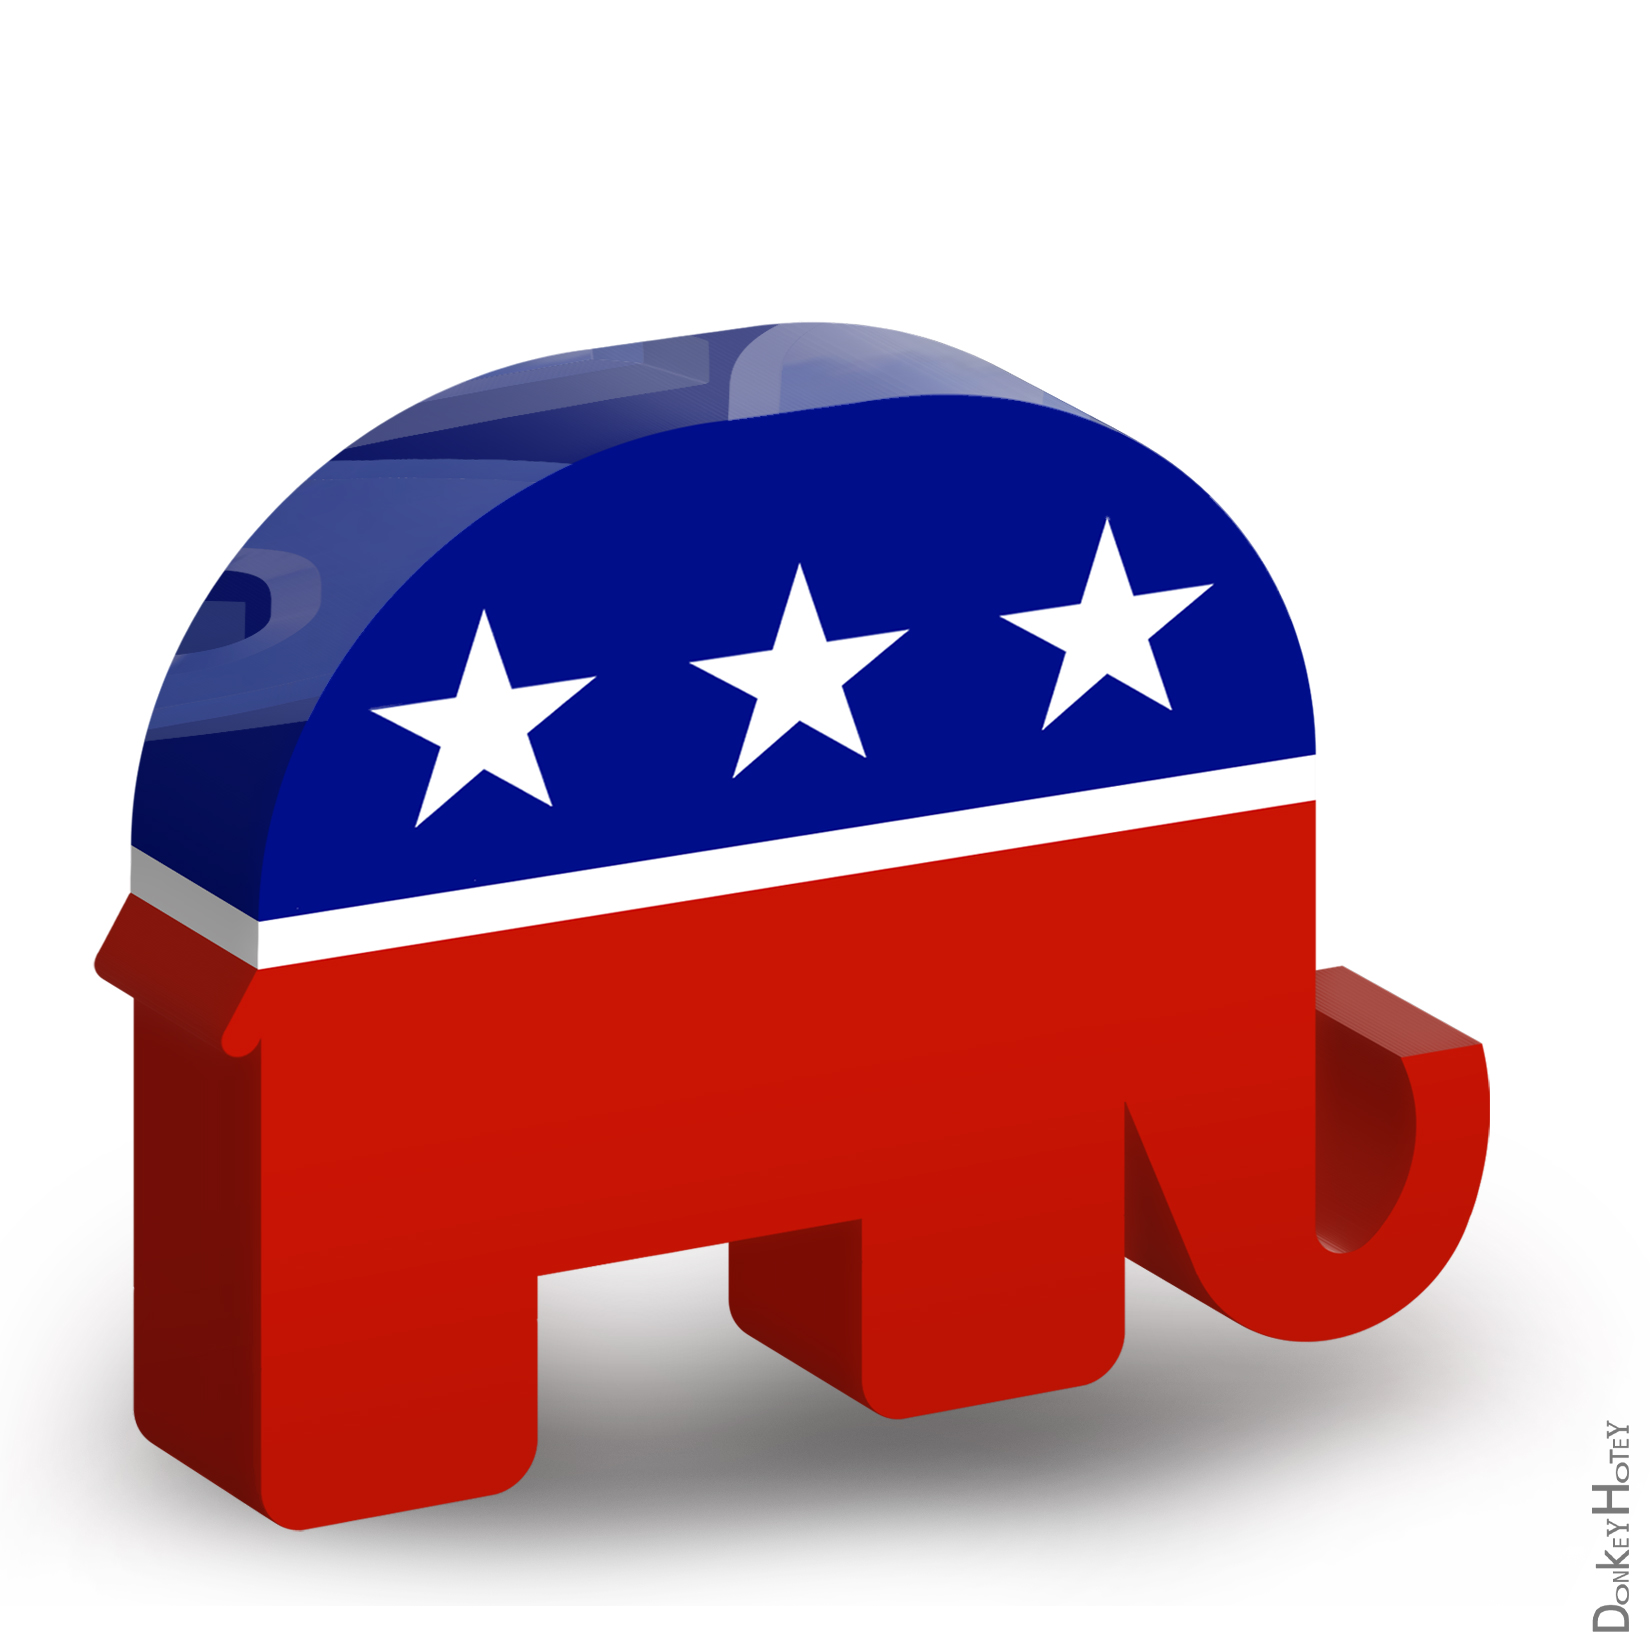 GOP Republican logo